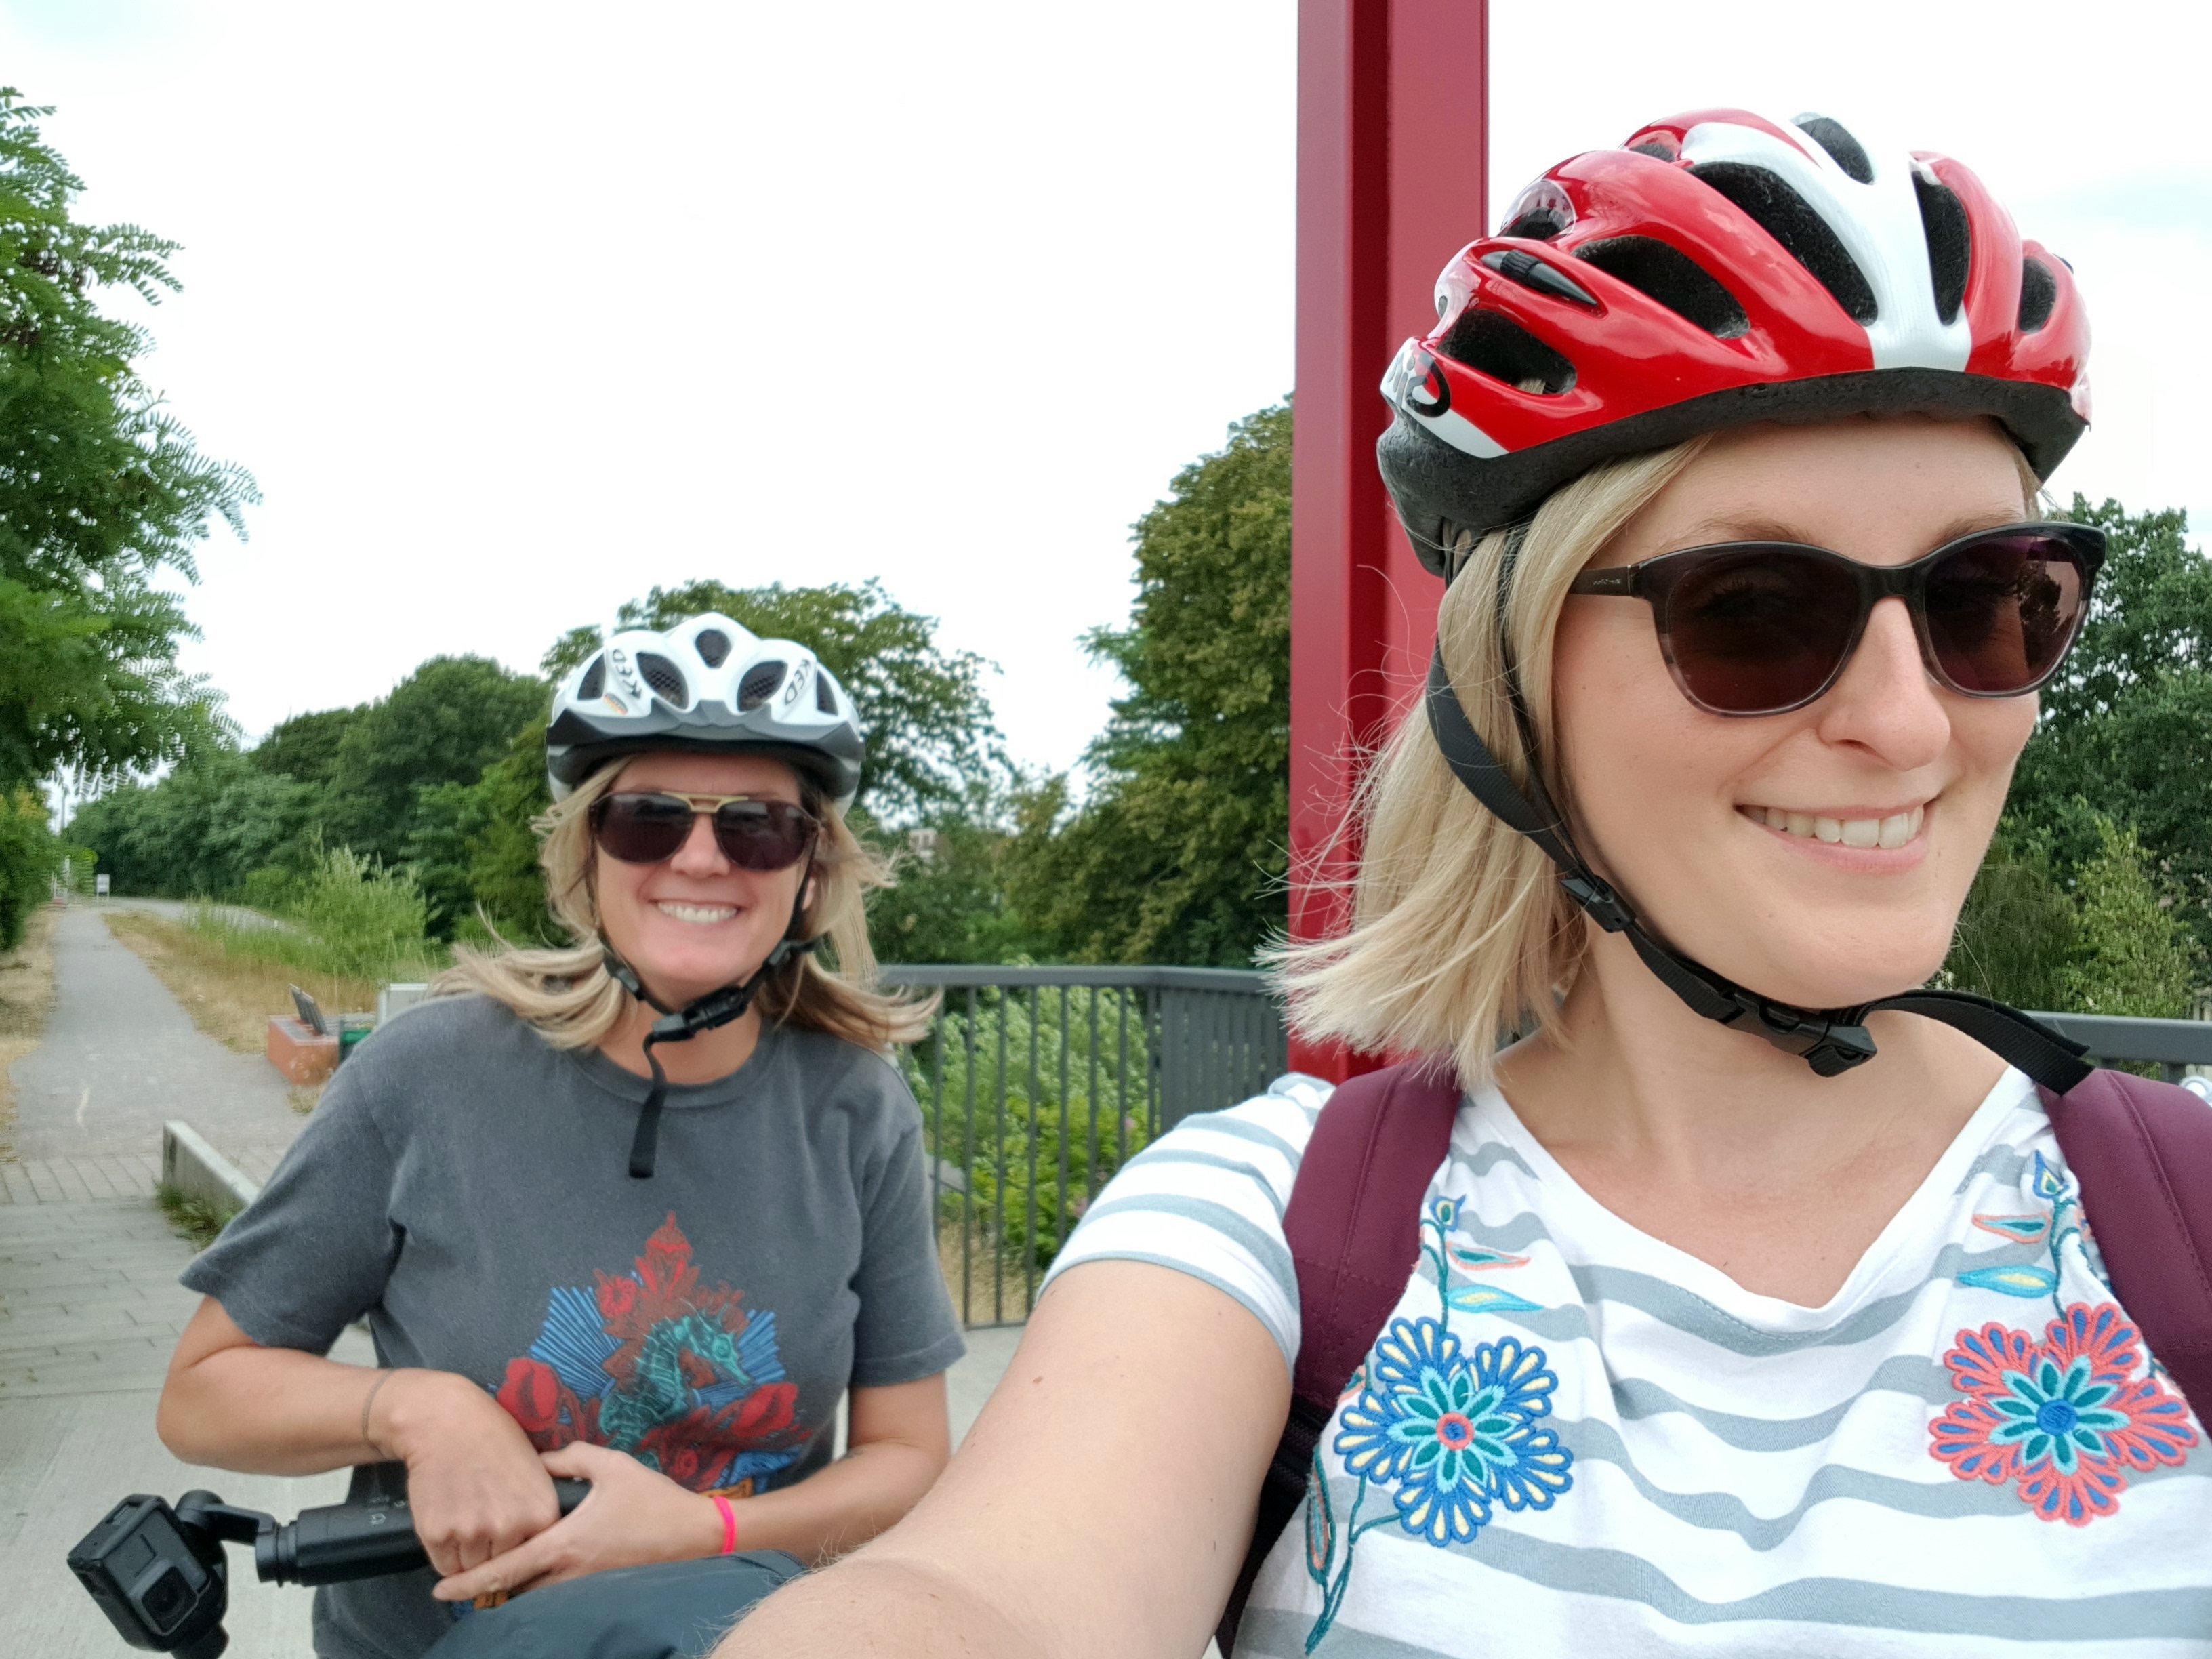 Das Bild zeigt zwei Frauen mit Fahrradhelmen